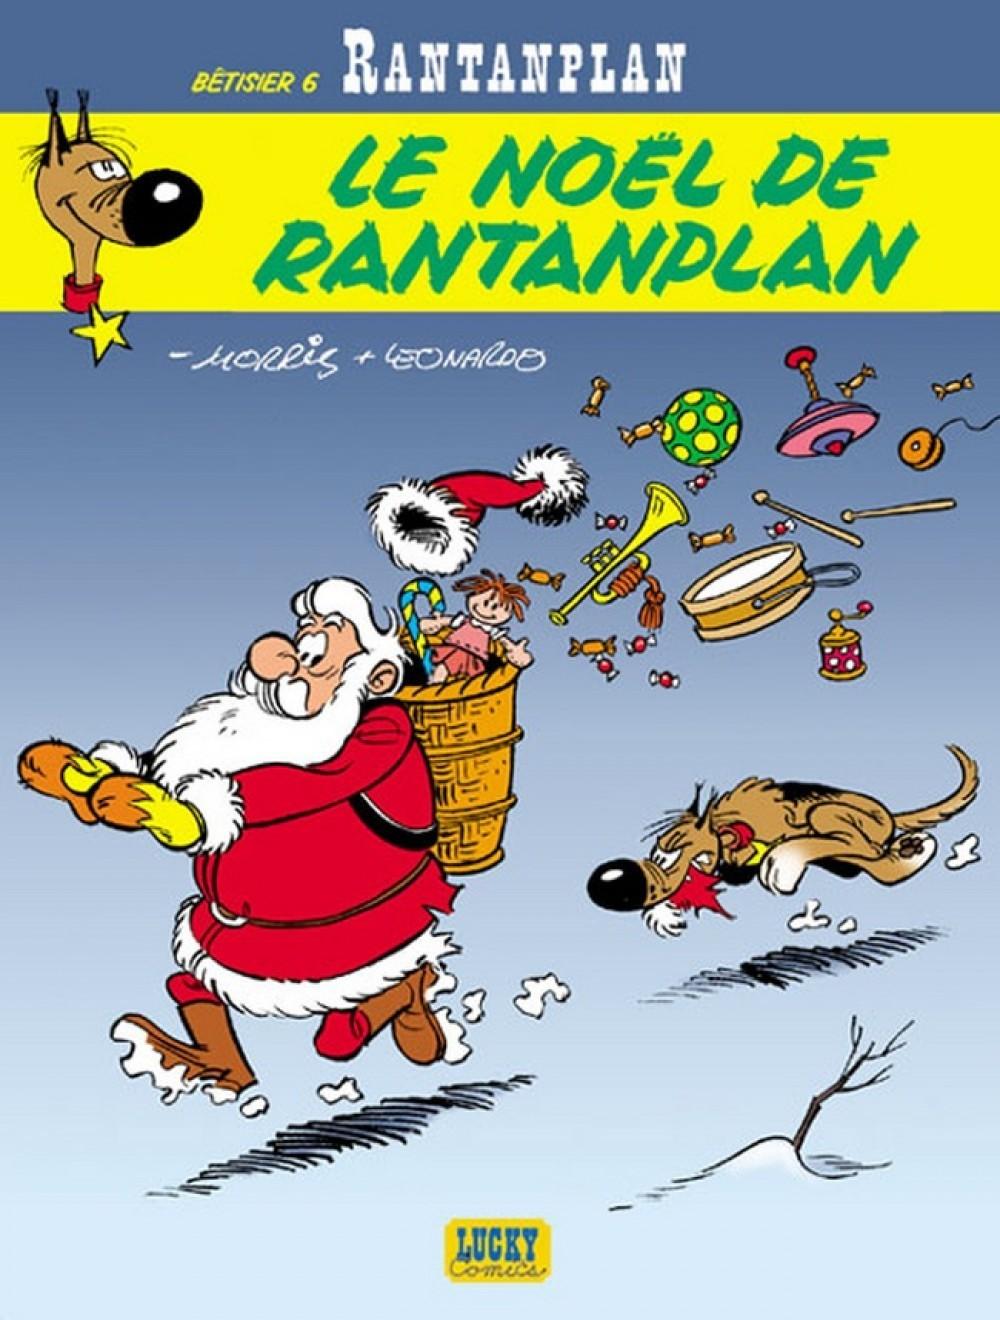 RANTANPLAN - HISTOIRES LONGUES T16 NOEL DE RANTANPLAN (LE) - BETISIER 6